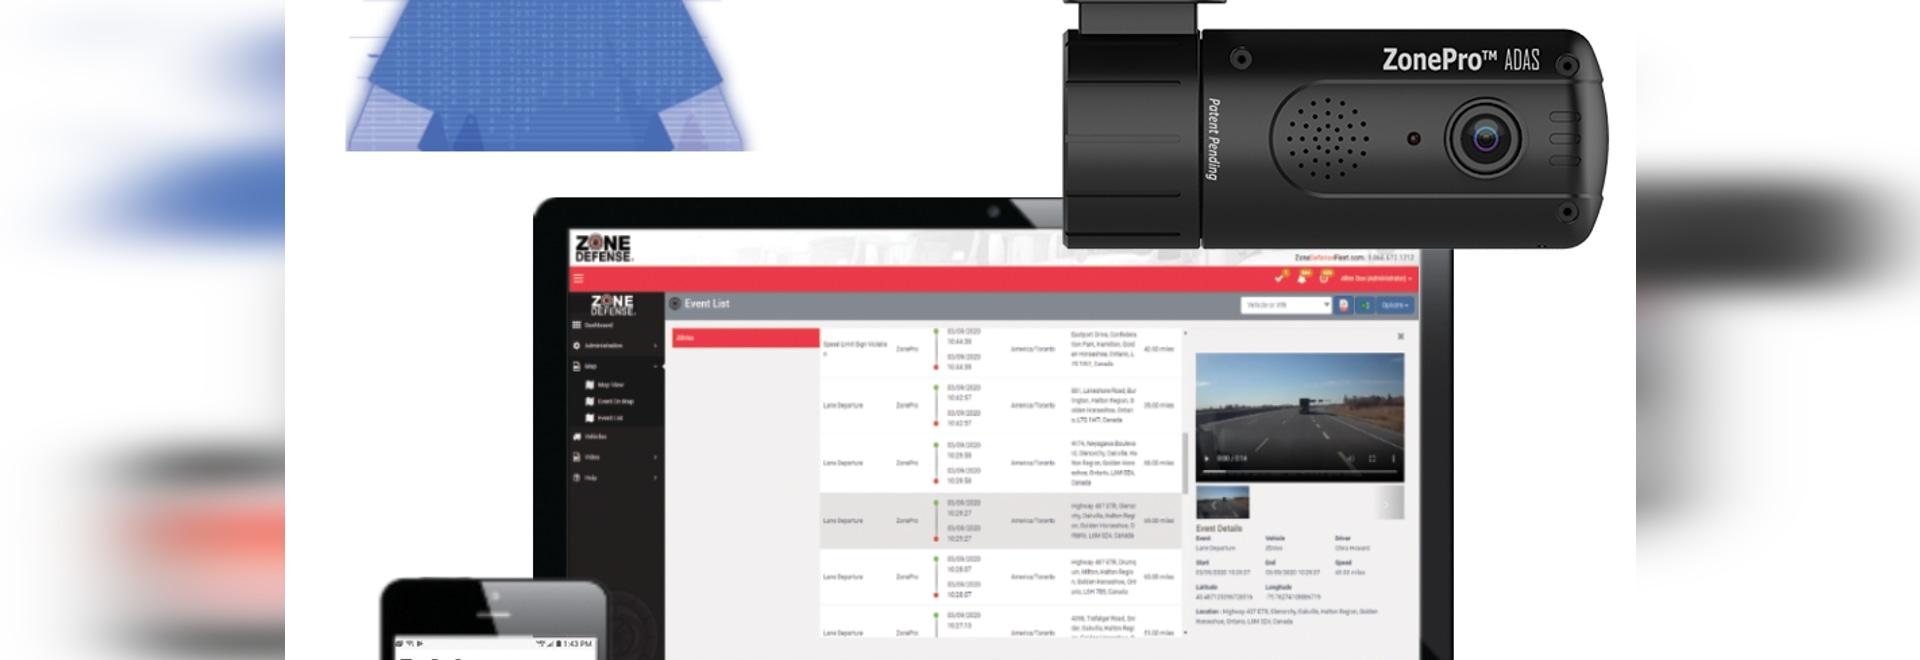 Zonenverteidigung führt virtuelle AI-Trainer-Sicherheitskamera ein